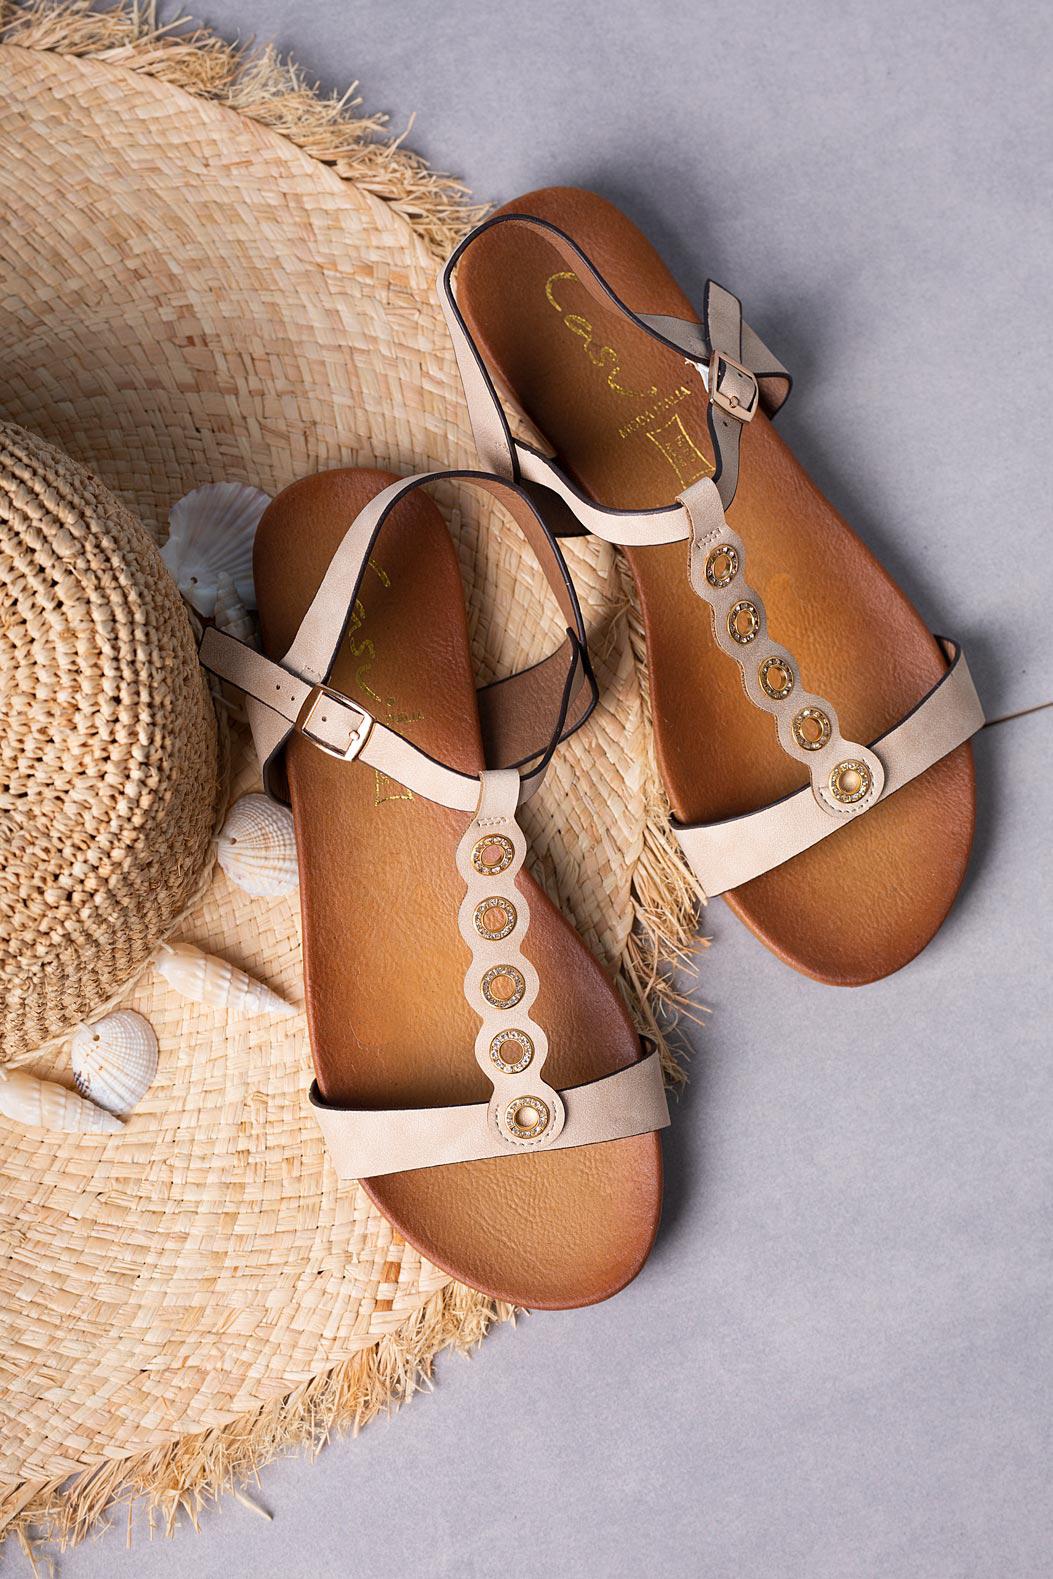 Beżowe sandały płaskie z paskiem przez środek i cyrkoniami Casu K19X10/BE